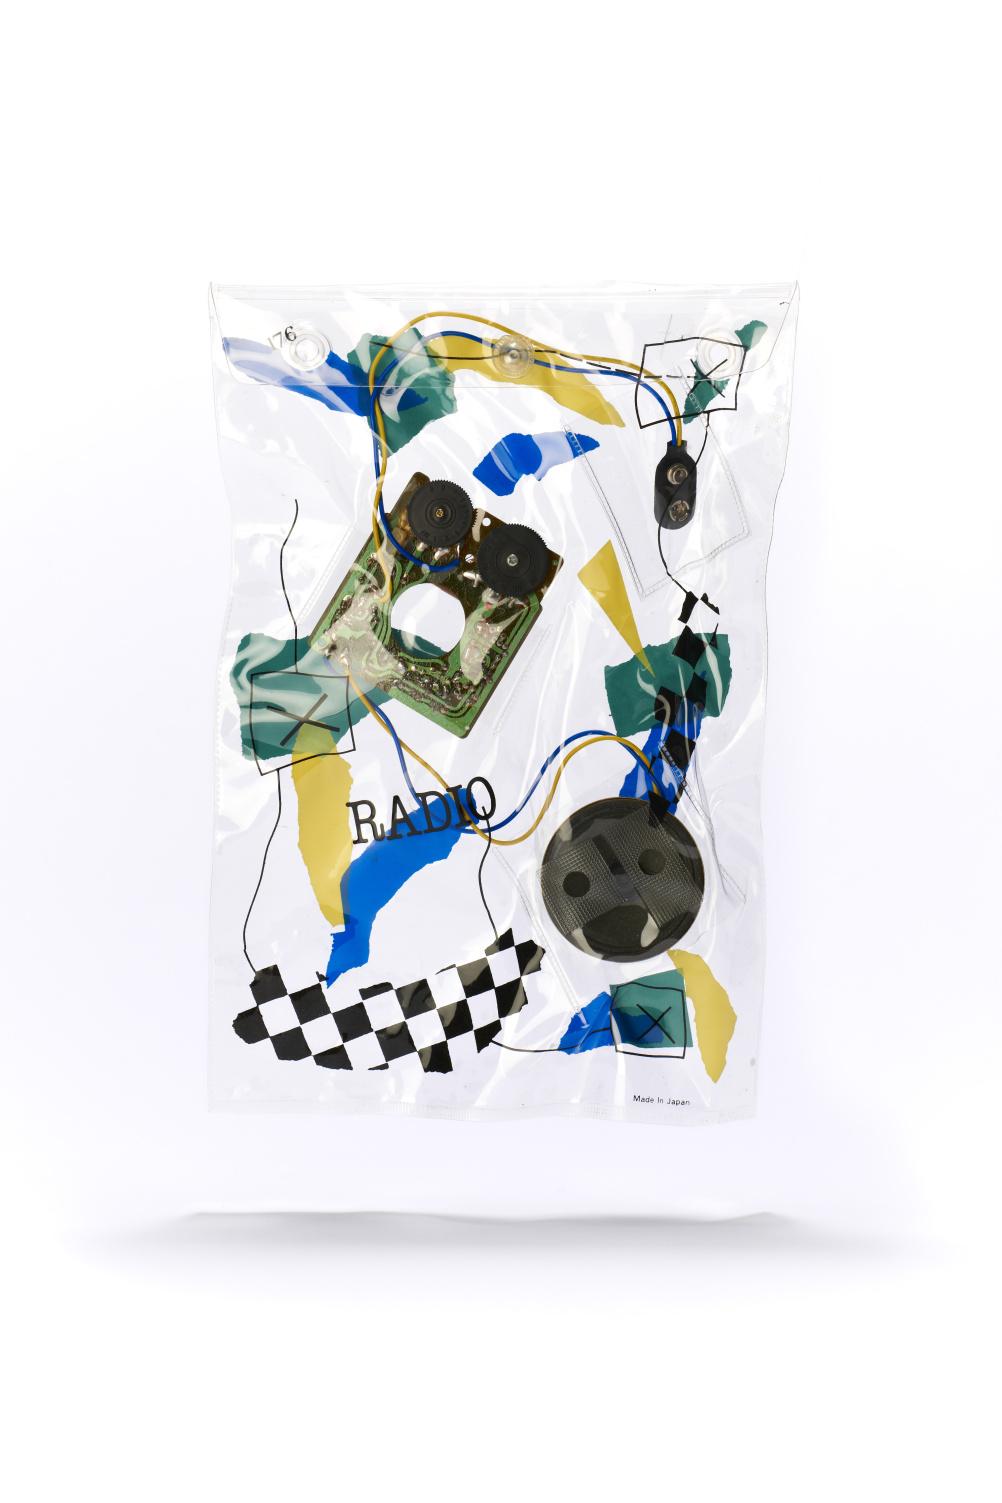 Daniel Weil, Radio in a Bag